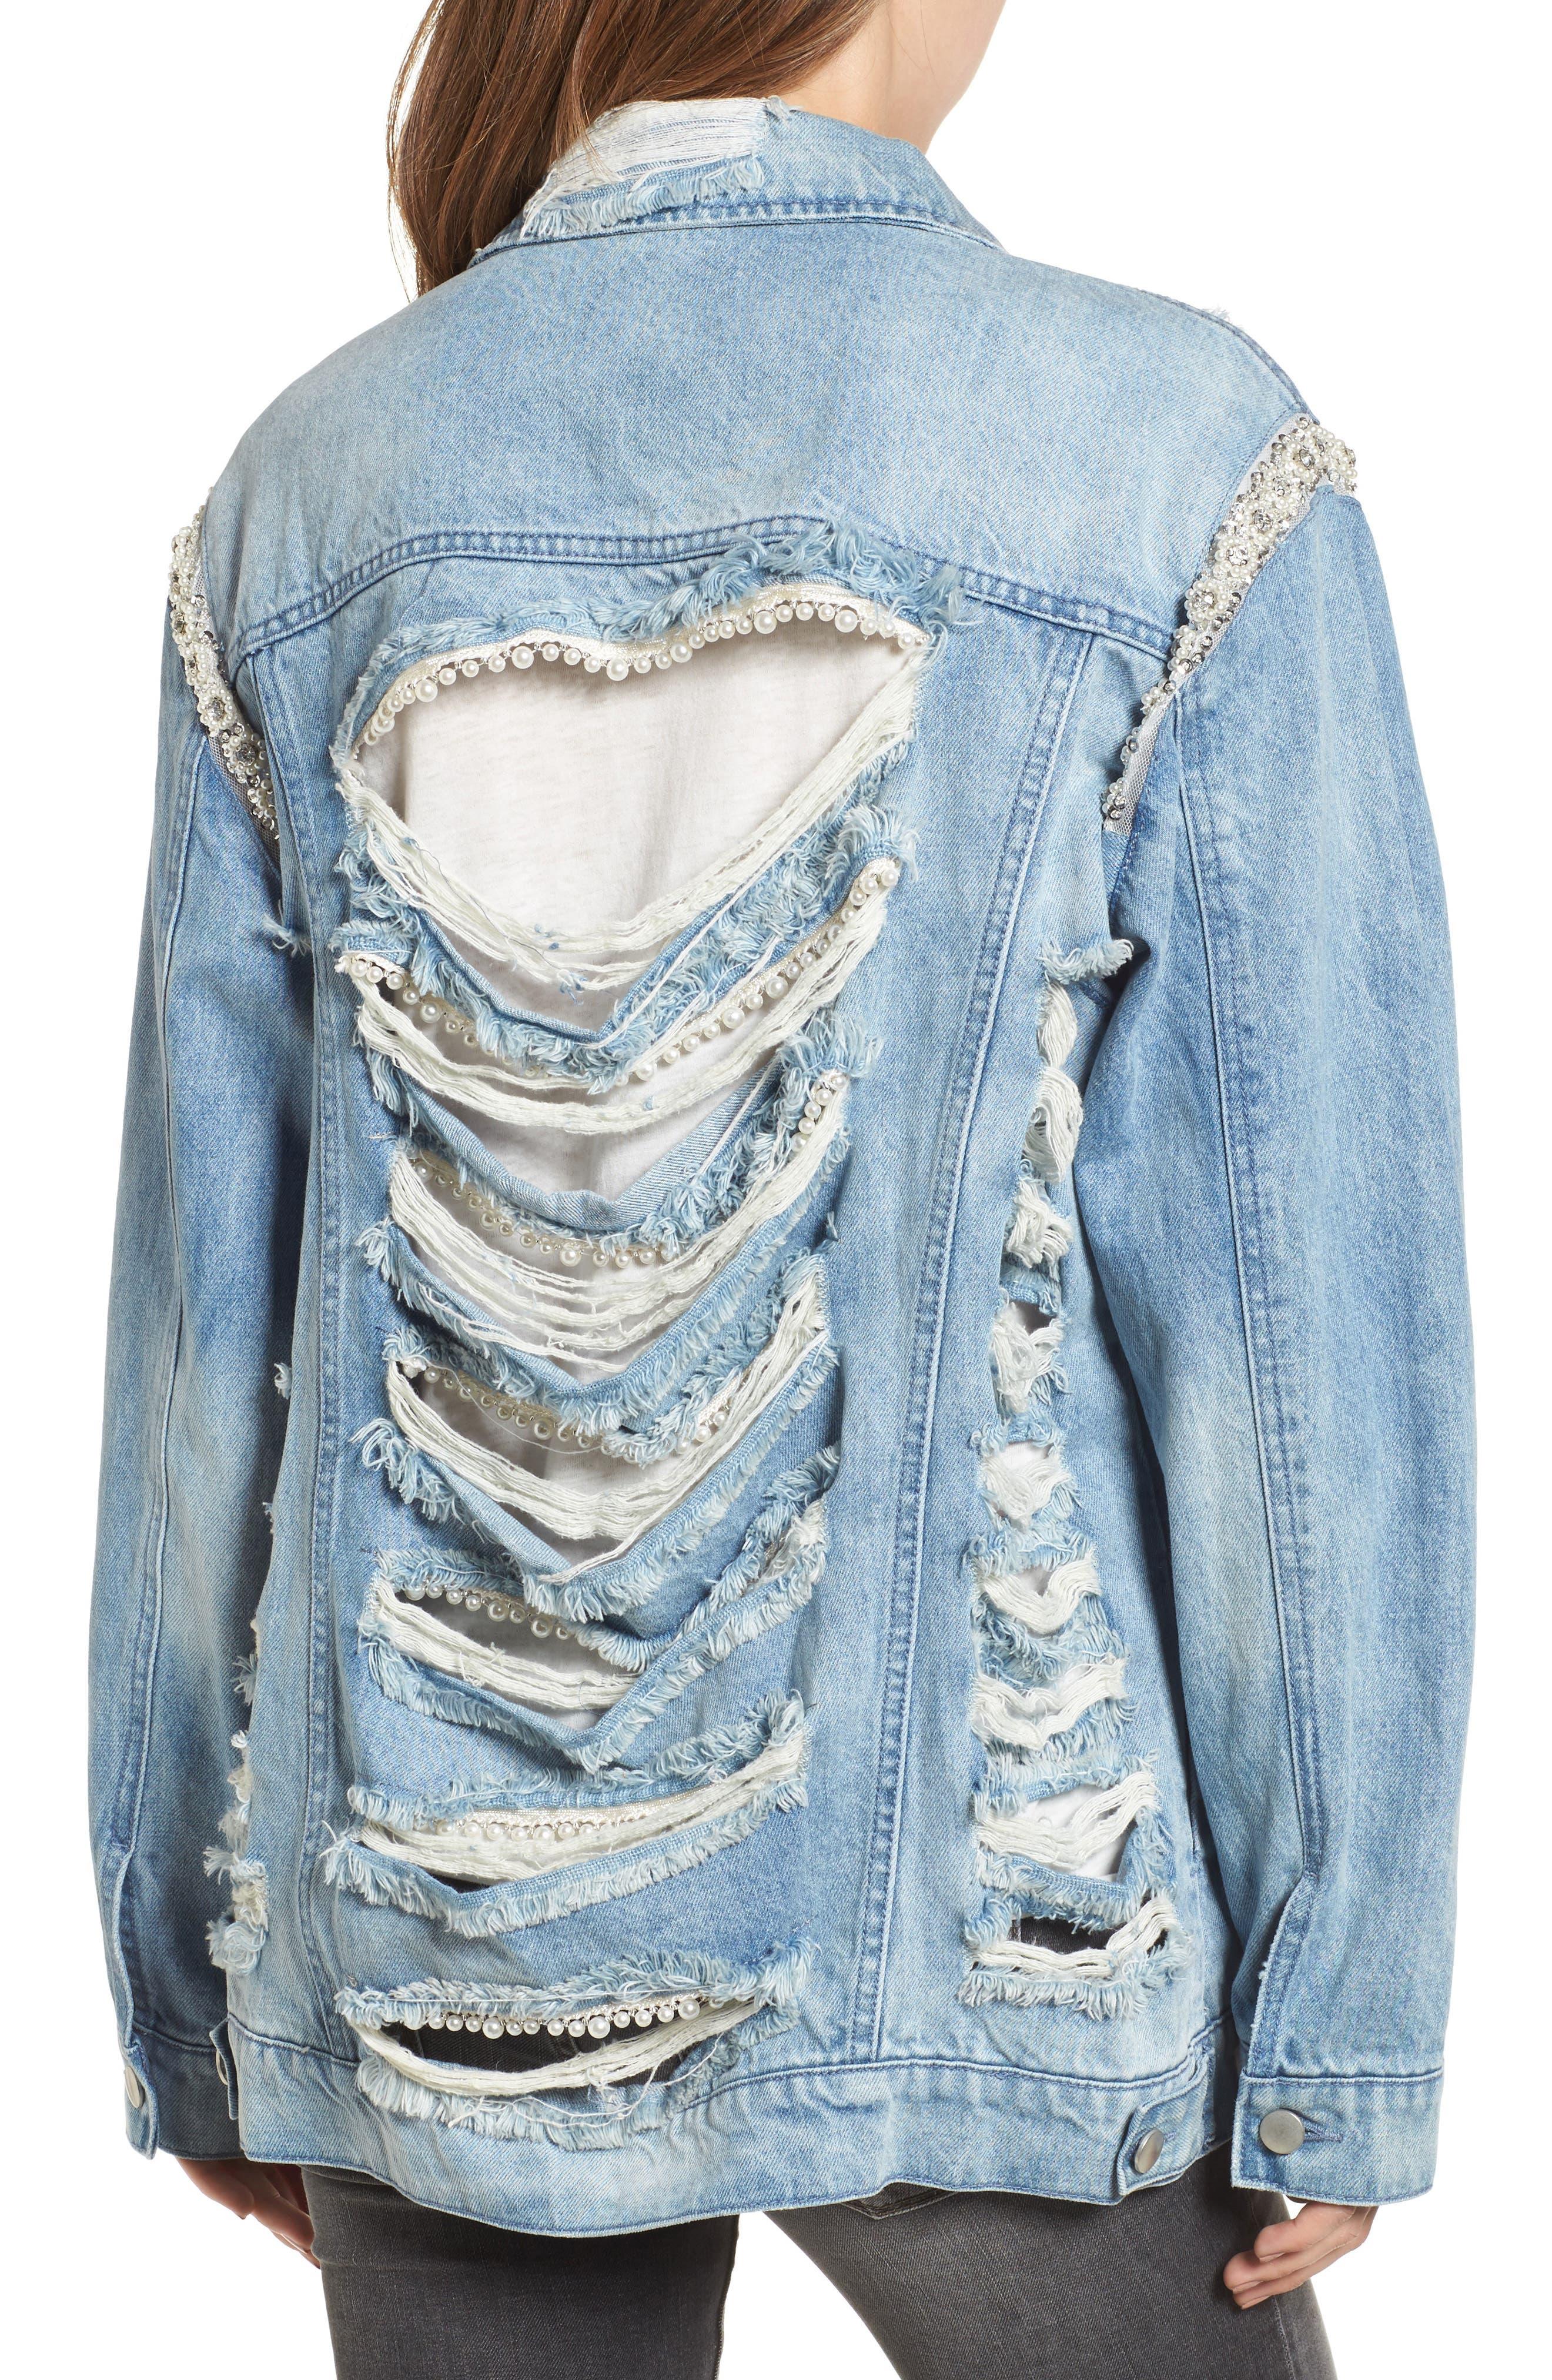 Alternate Image 1 Selected - Love, Fire Embellished Ripped Denim Jacket